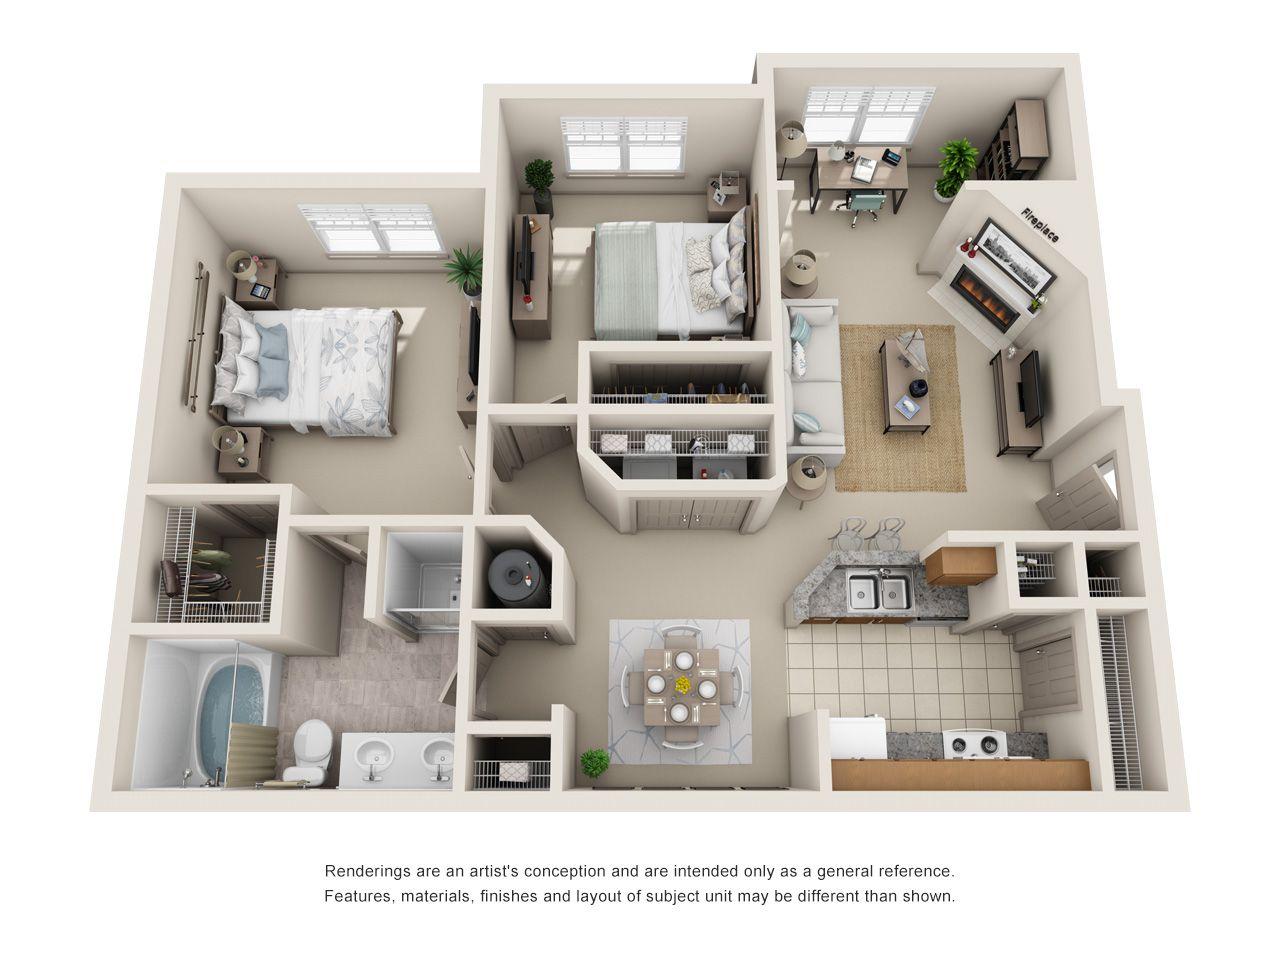 1 2 Bedroom Apartments In Lewisville Tx Floor Plans Lewisville Texas Apartment Stea 2 Bedroom Apartment Floor Plan Apartment Layout Apartment Plans